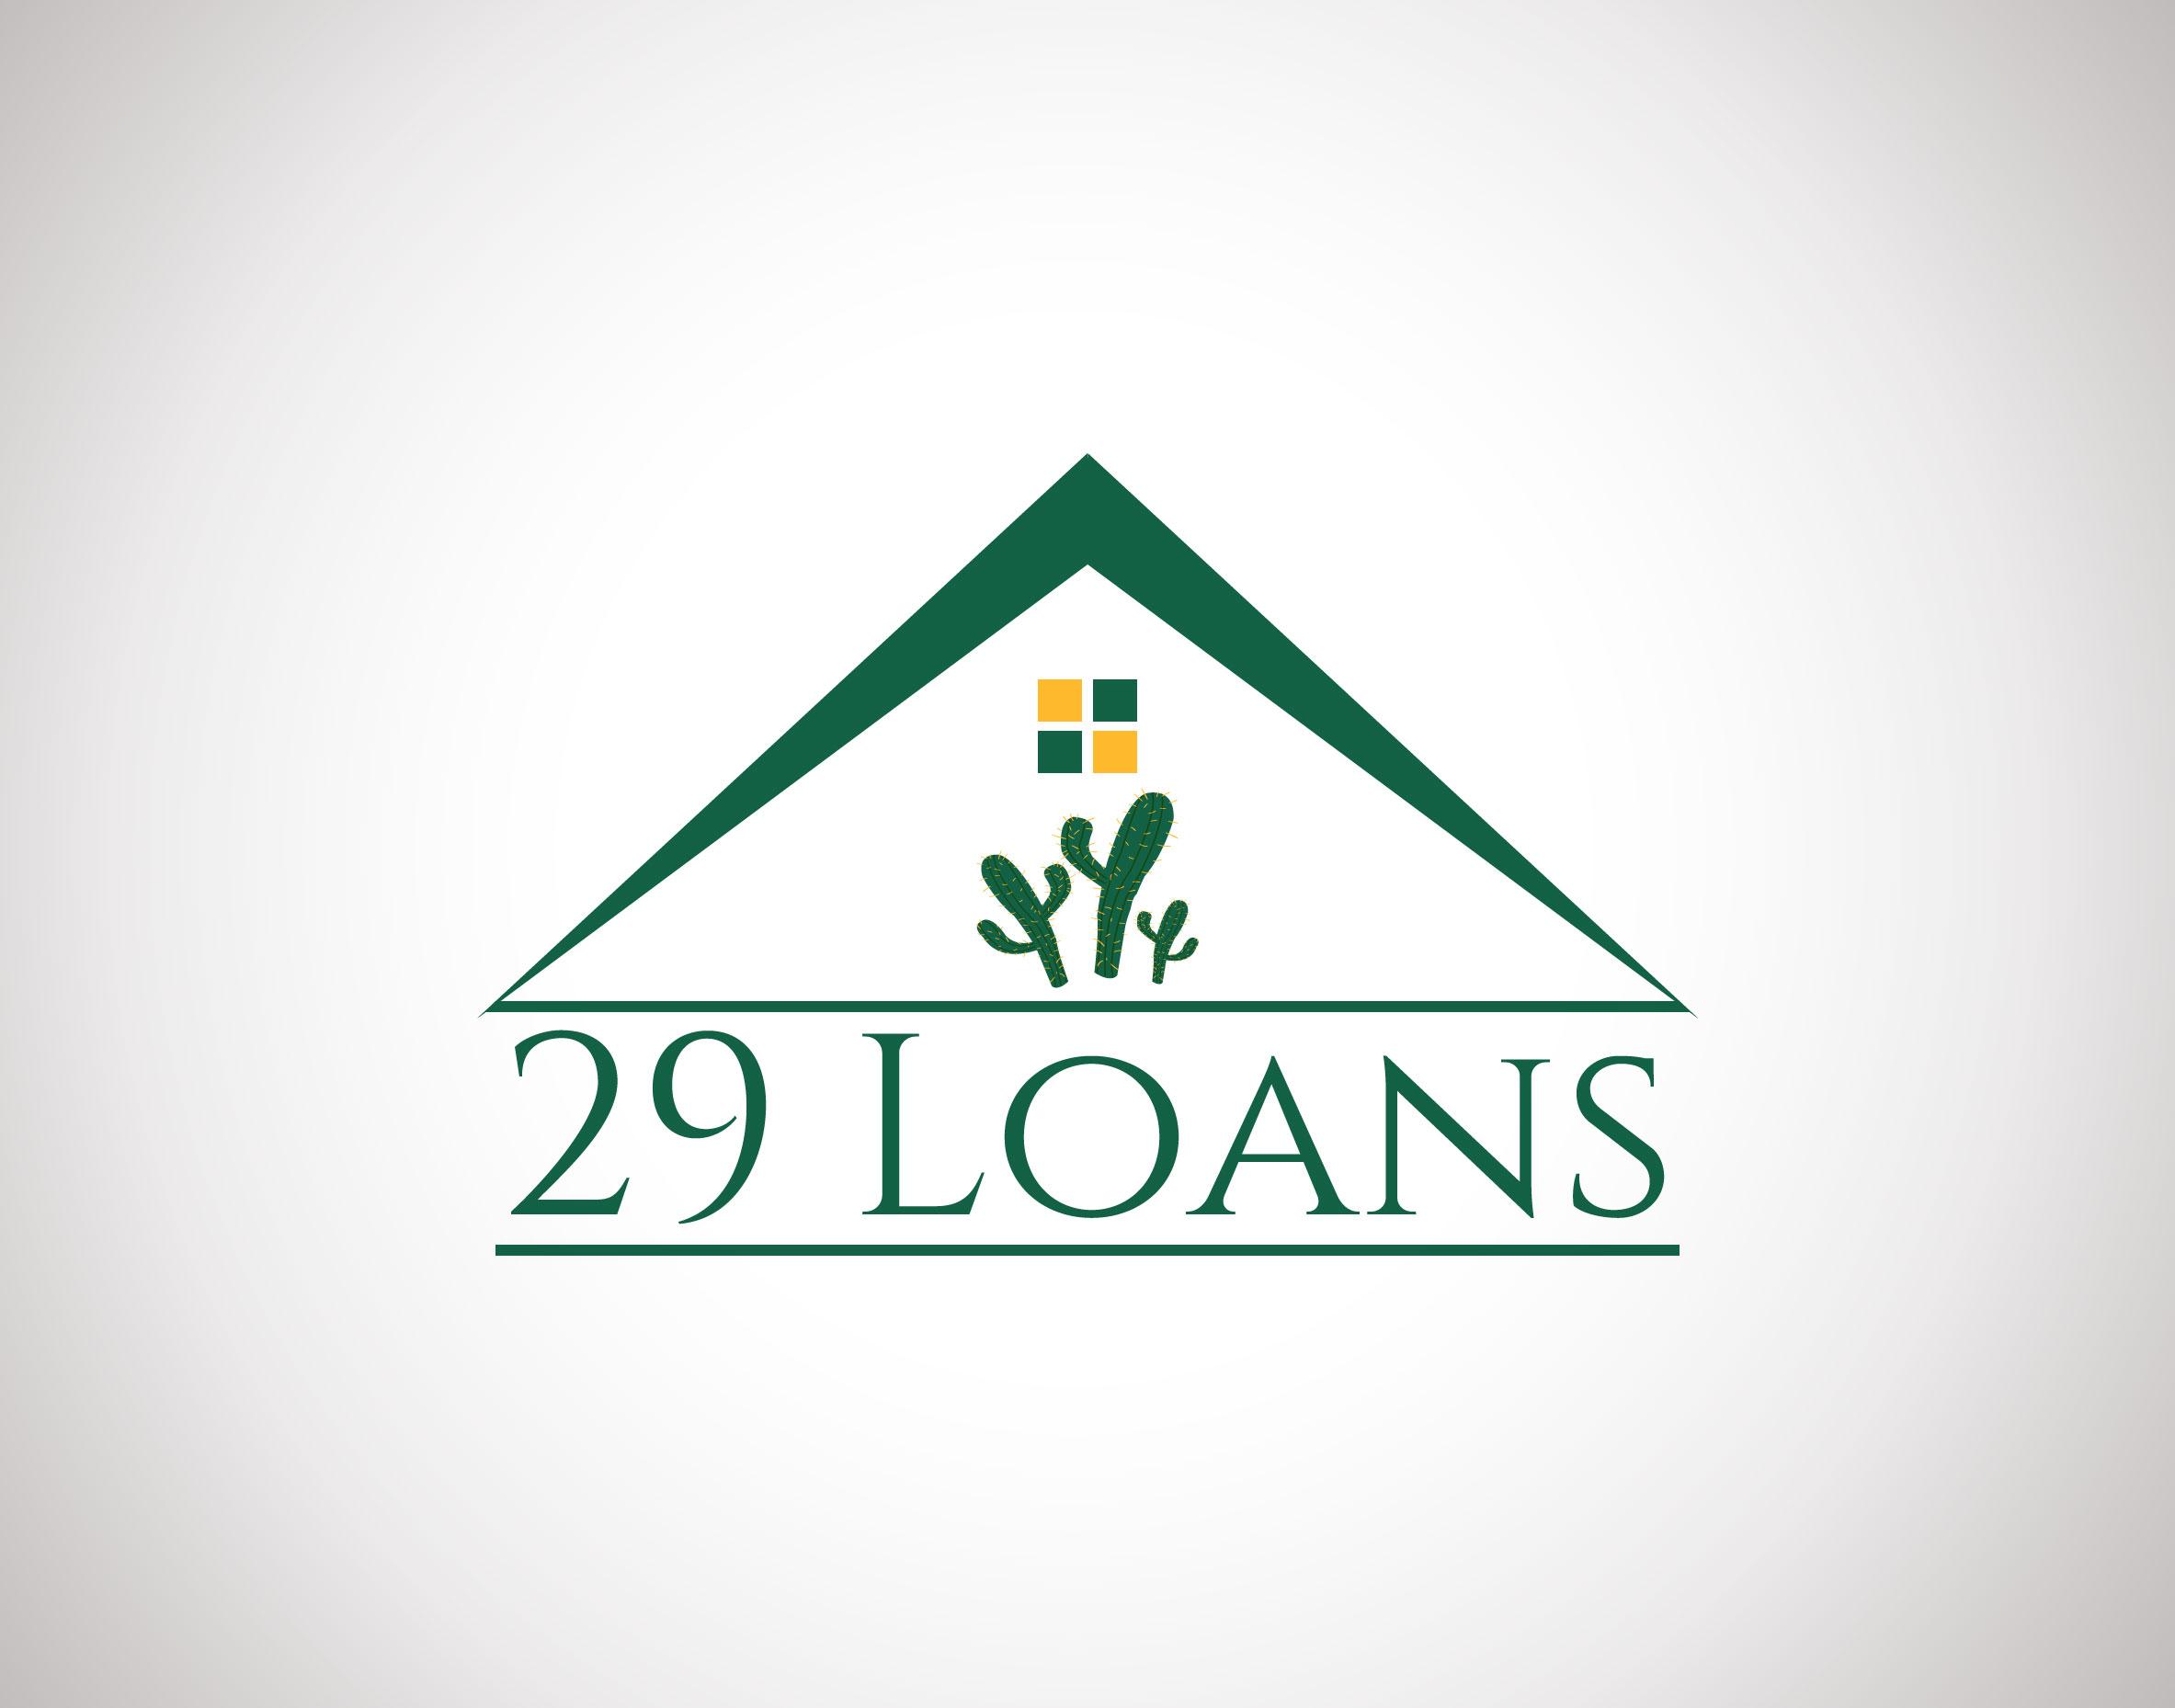 29 Loans